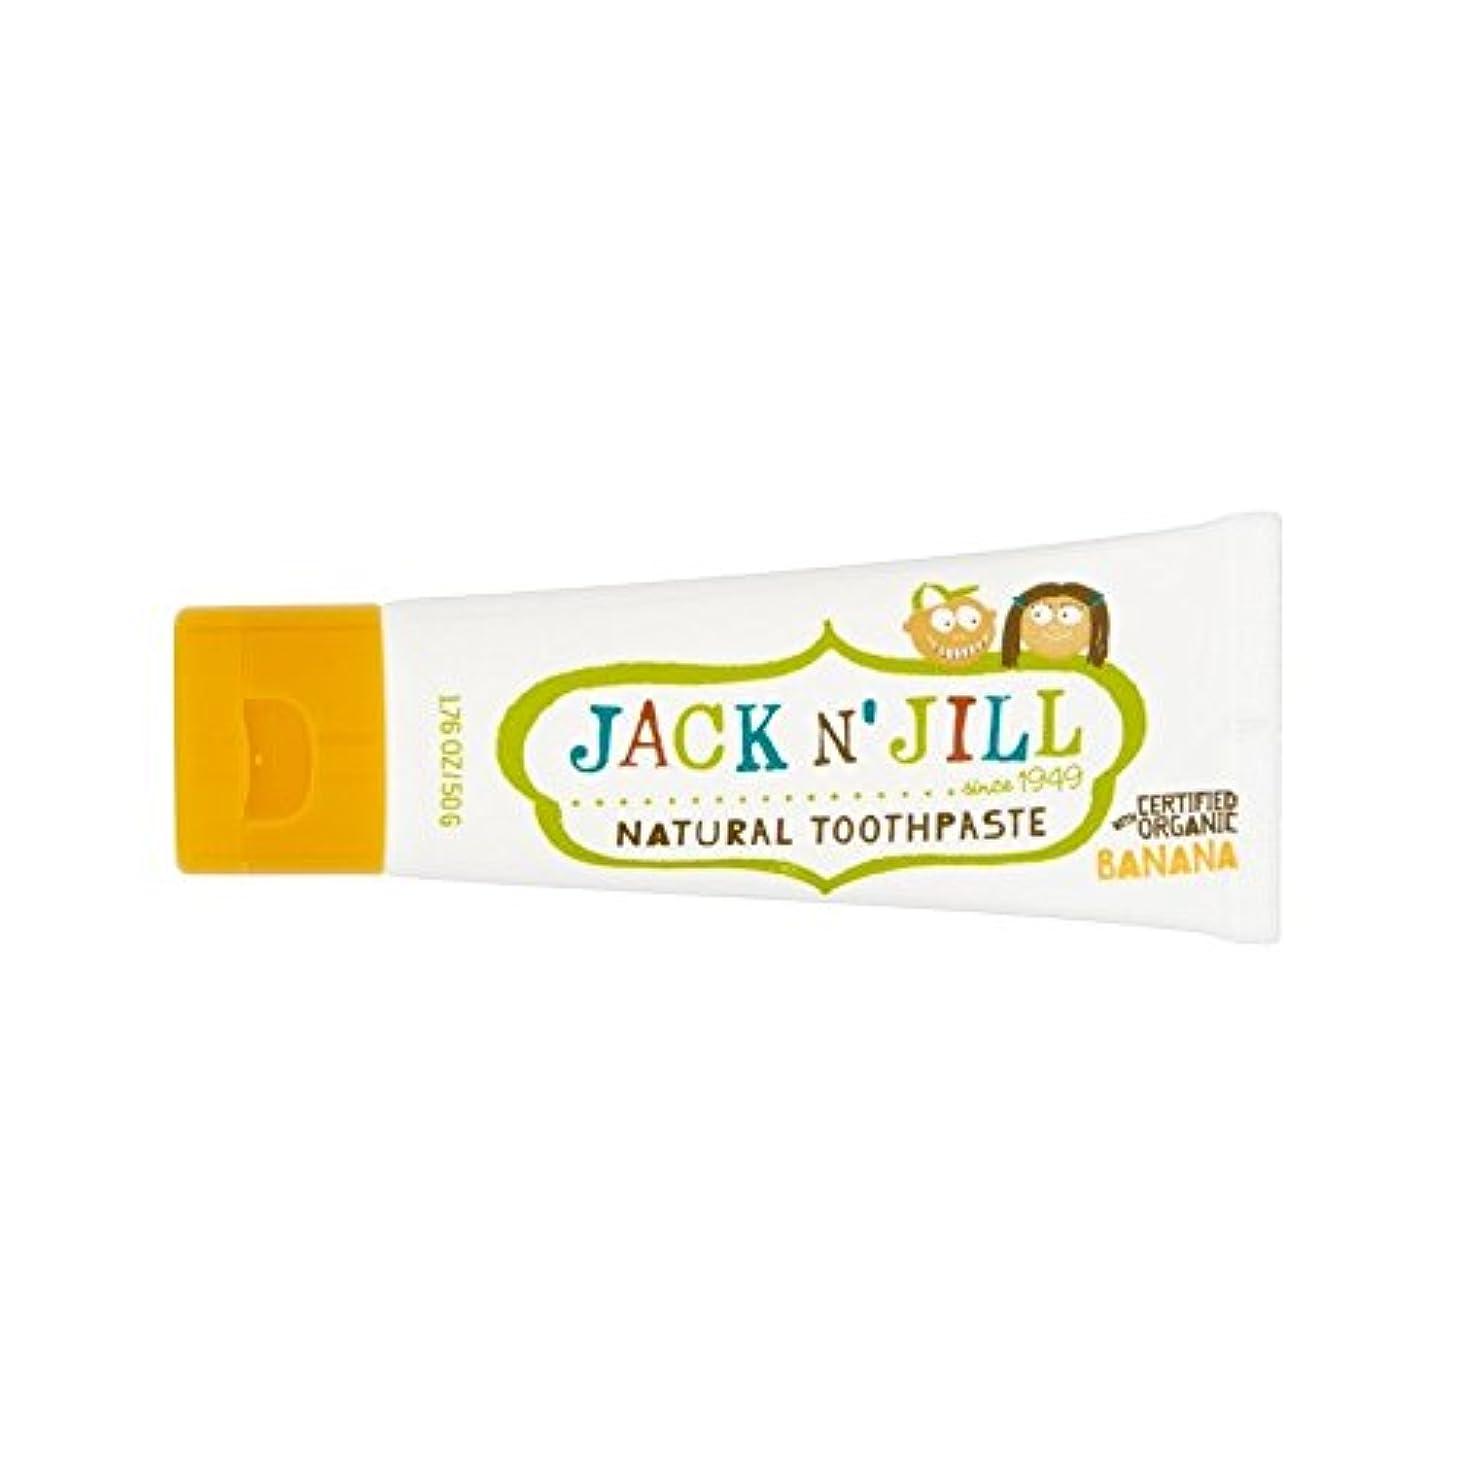 キャンドル描く永久有機香味50グラムと自然バナナ歯磨き粉 (Jack N Jill) - Jack N' Jill Banana Toothpaste Natural with Organic Flavouring 50g [並行輸入品]